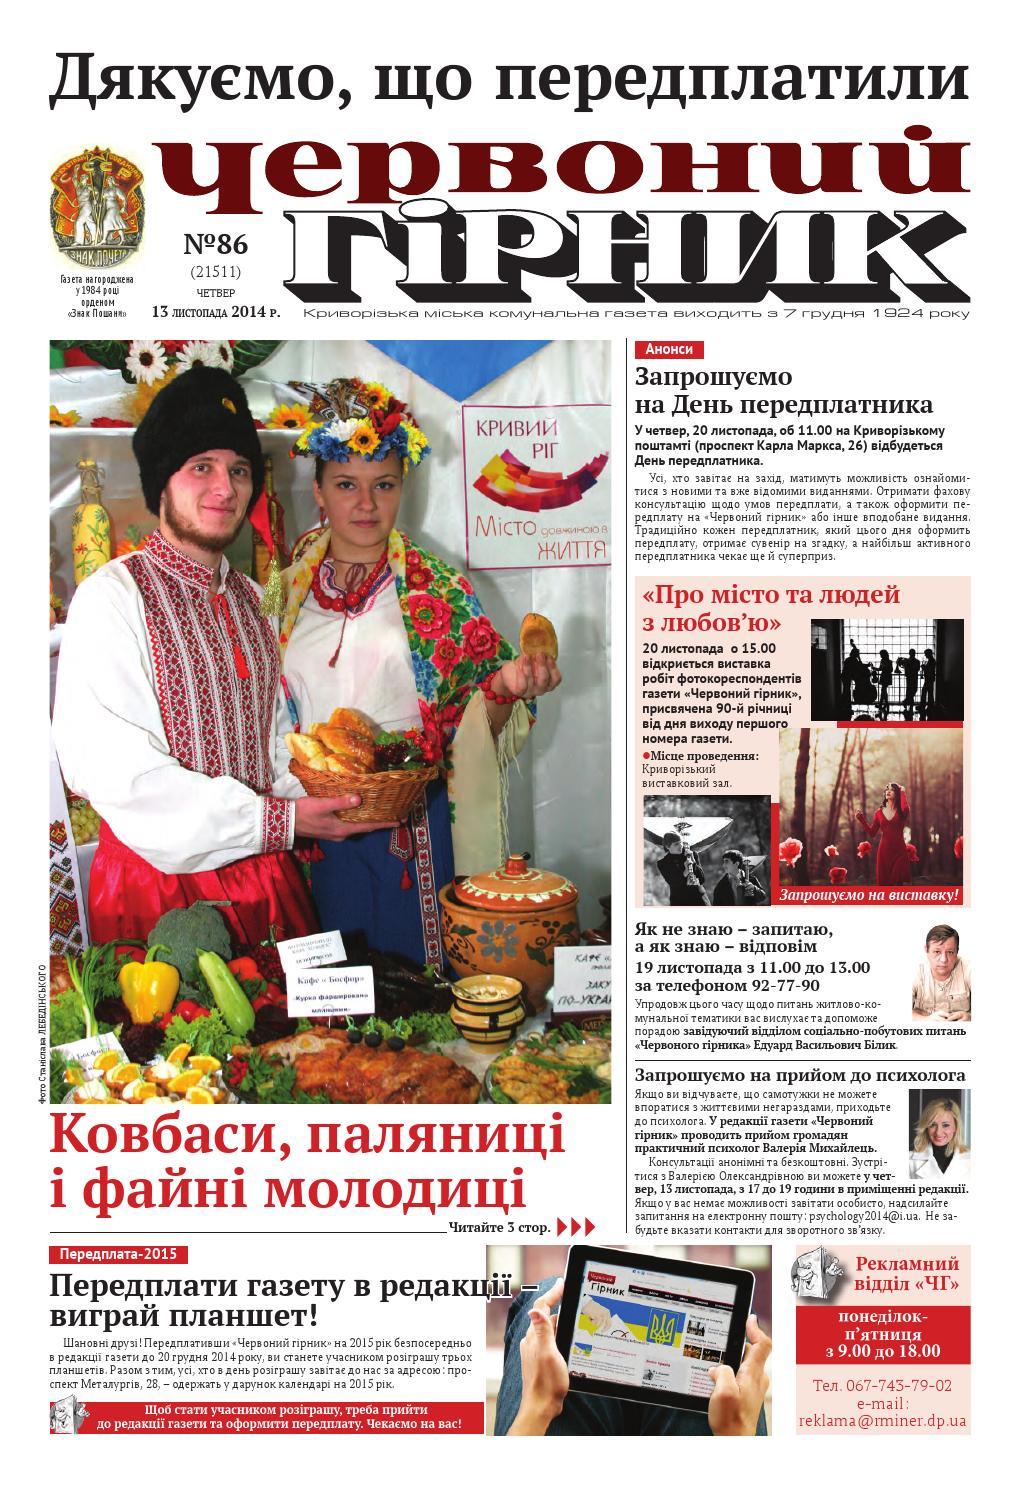 Червоний гірник №86 (21511) by The newspaper